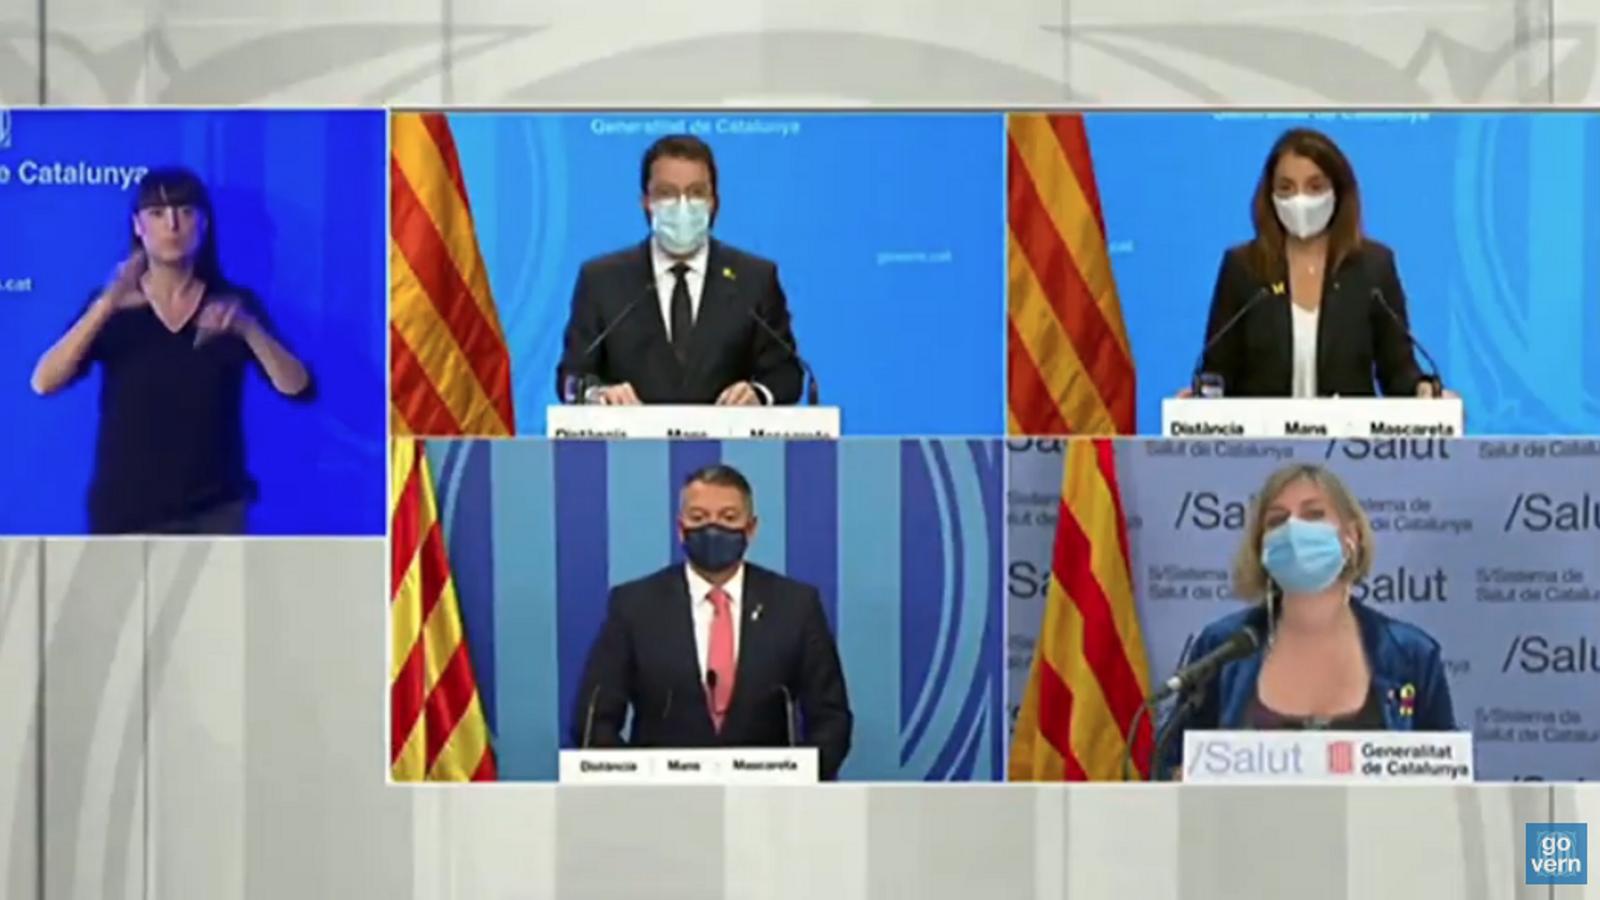 EN DIRECTE   La roda de premsa del Govern per anunciar les noves mesures contra el virus